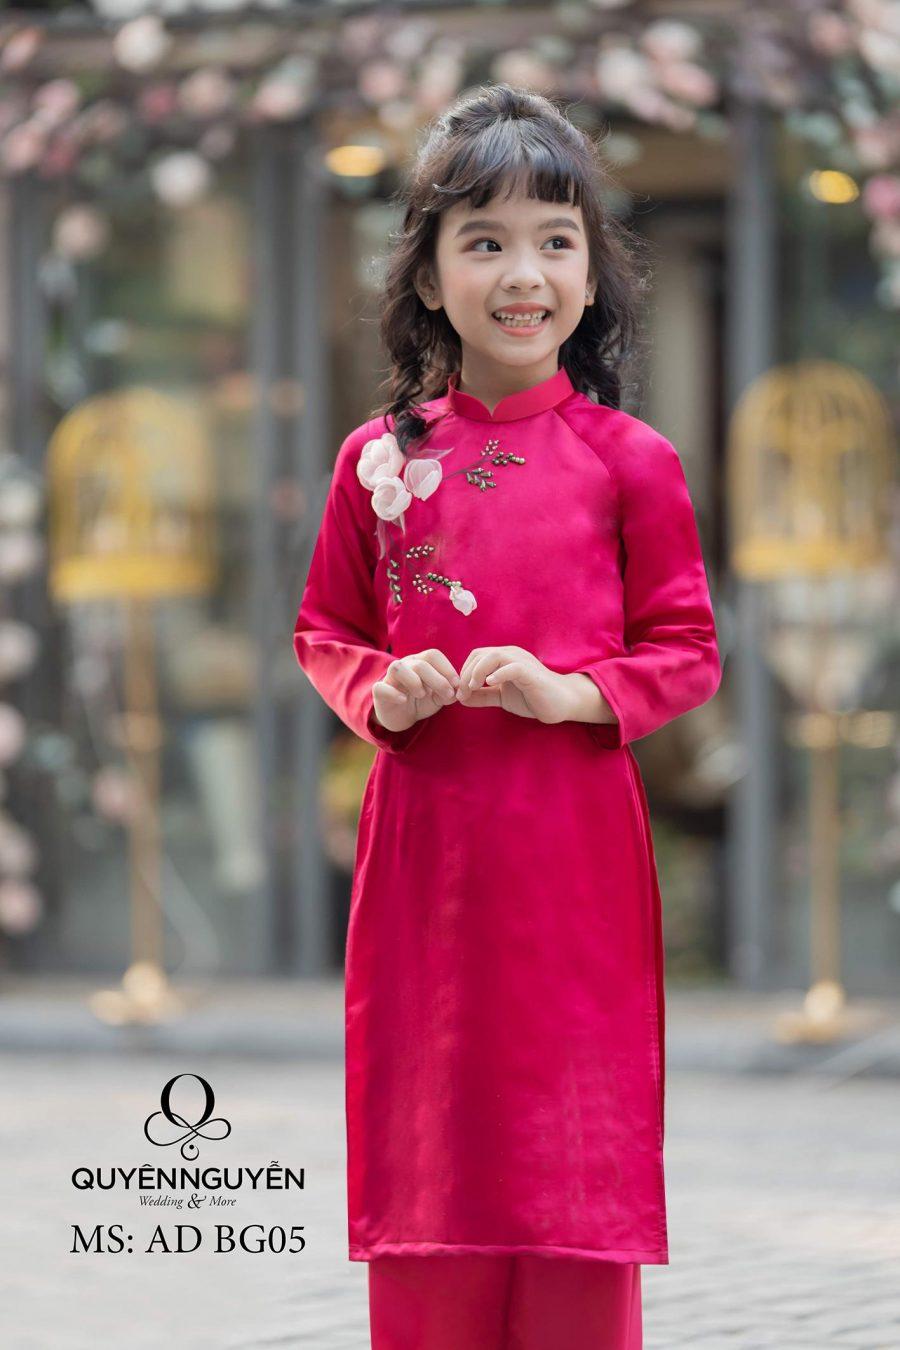 Áo dài bé gái hồng cánh sen hoa đính nổi AD BG05